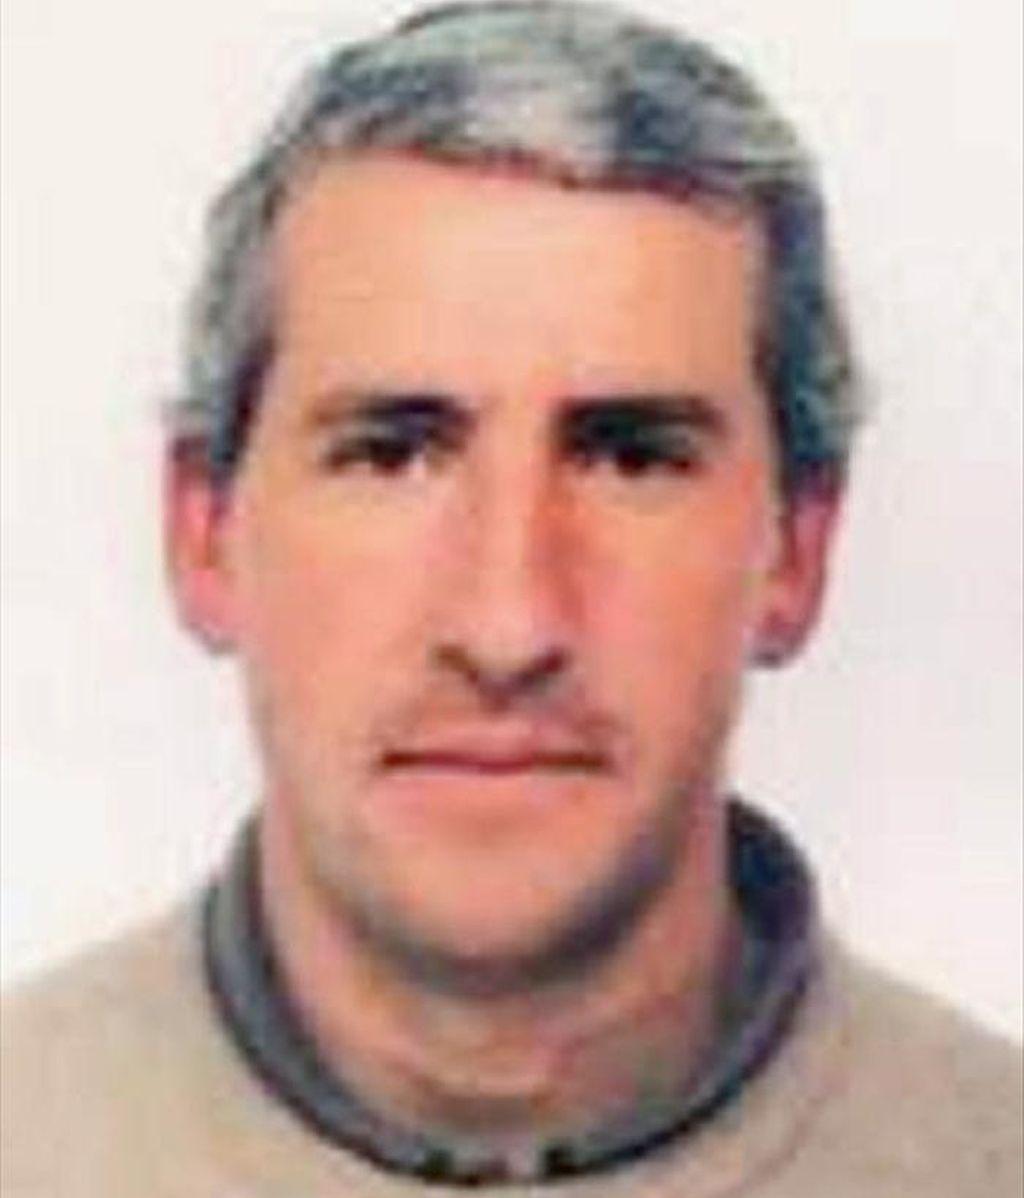 La fiscalía del Tribunal de lo Criminal de París pidió hoy veinte años de cárcel para el etarra Pedro Esquisábel, 'Xerpa', presunto jefe militar de ETA cuando fue detenido en abril de 2005. EFE/Archivo